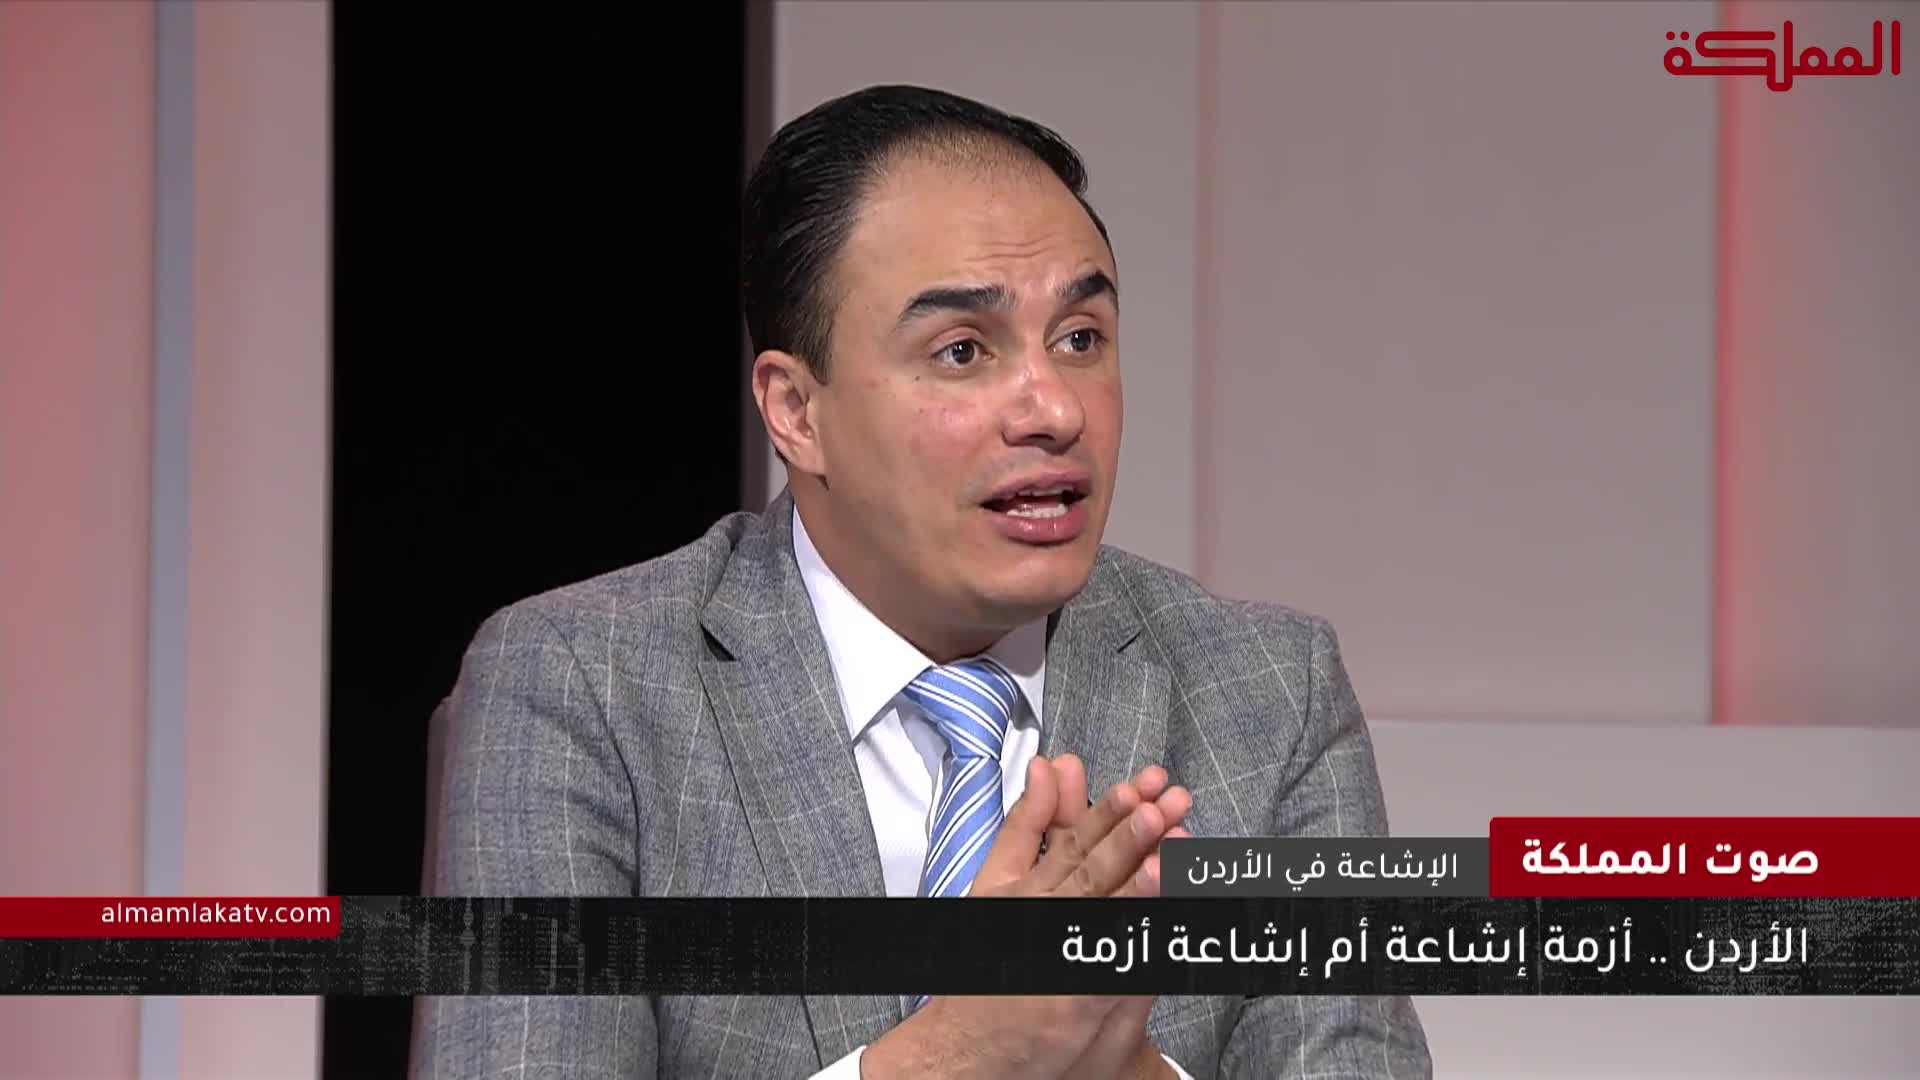 صوت المملكة | الأردن ... أزمة إشاعة أم إشاعة أزمة